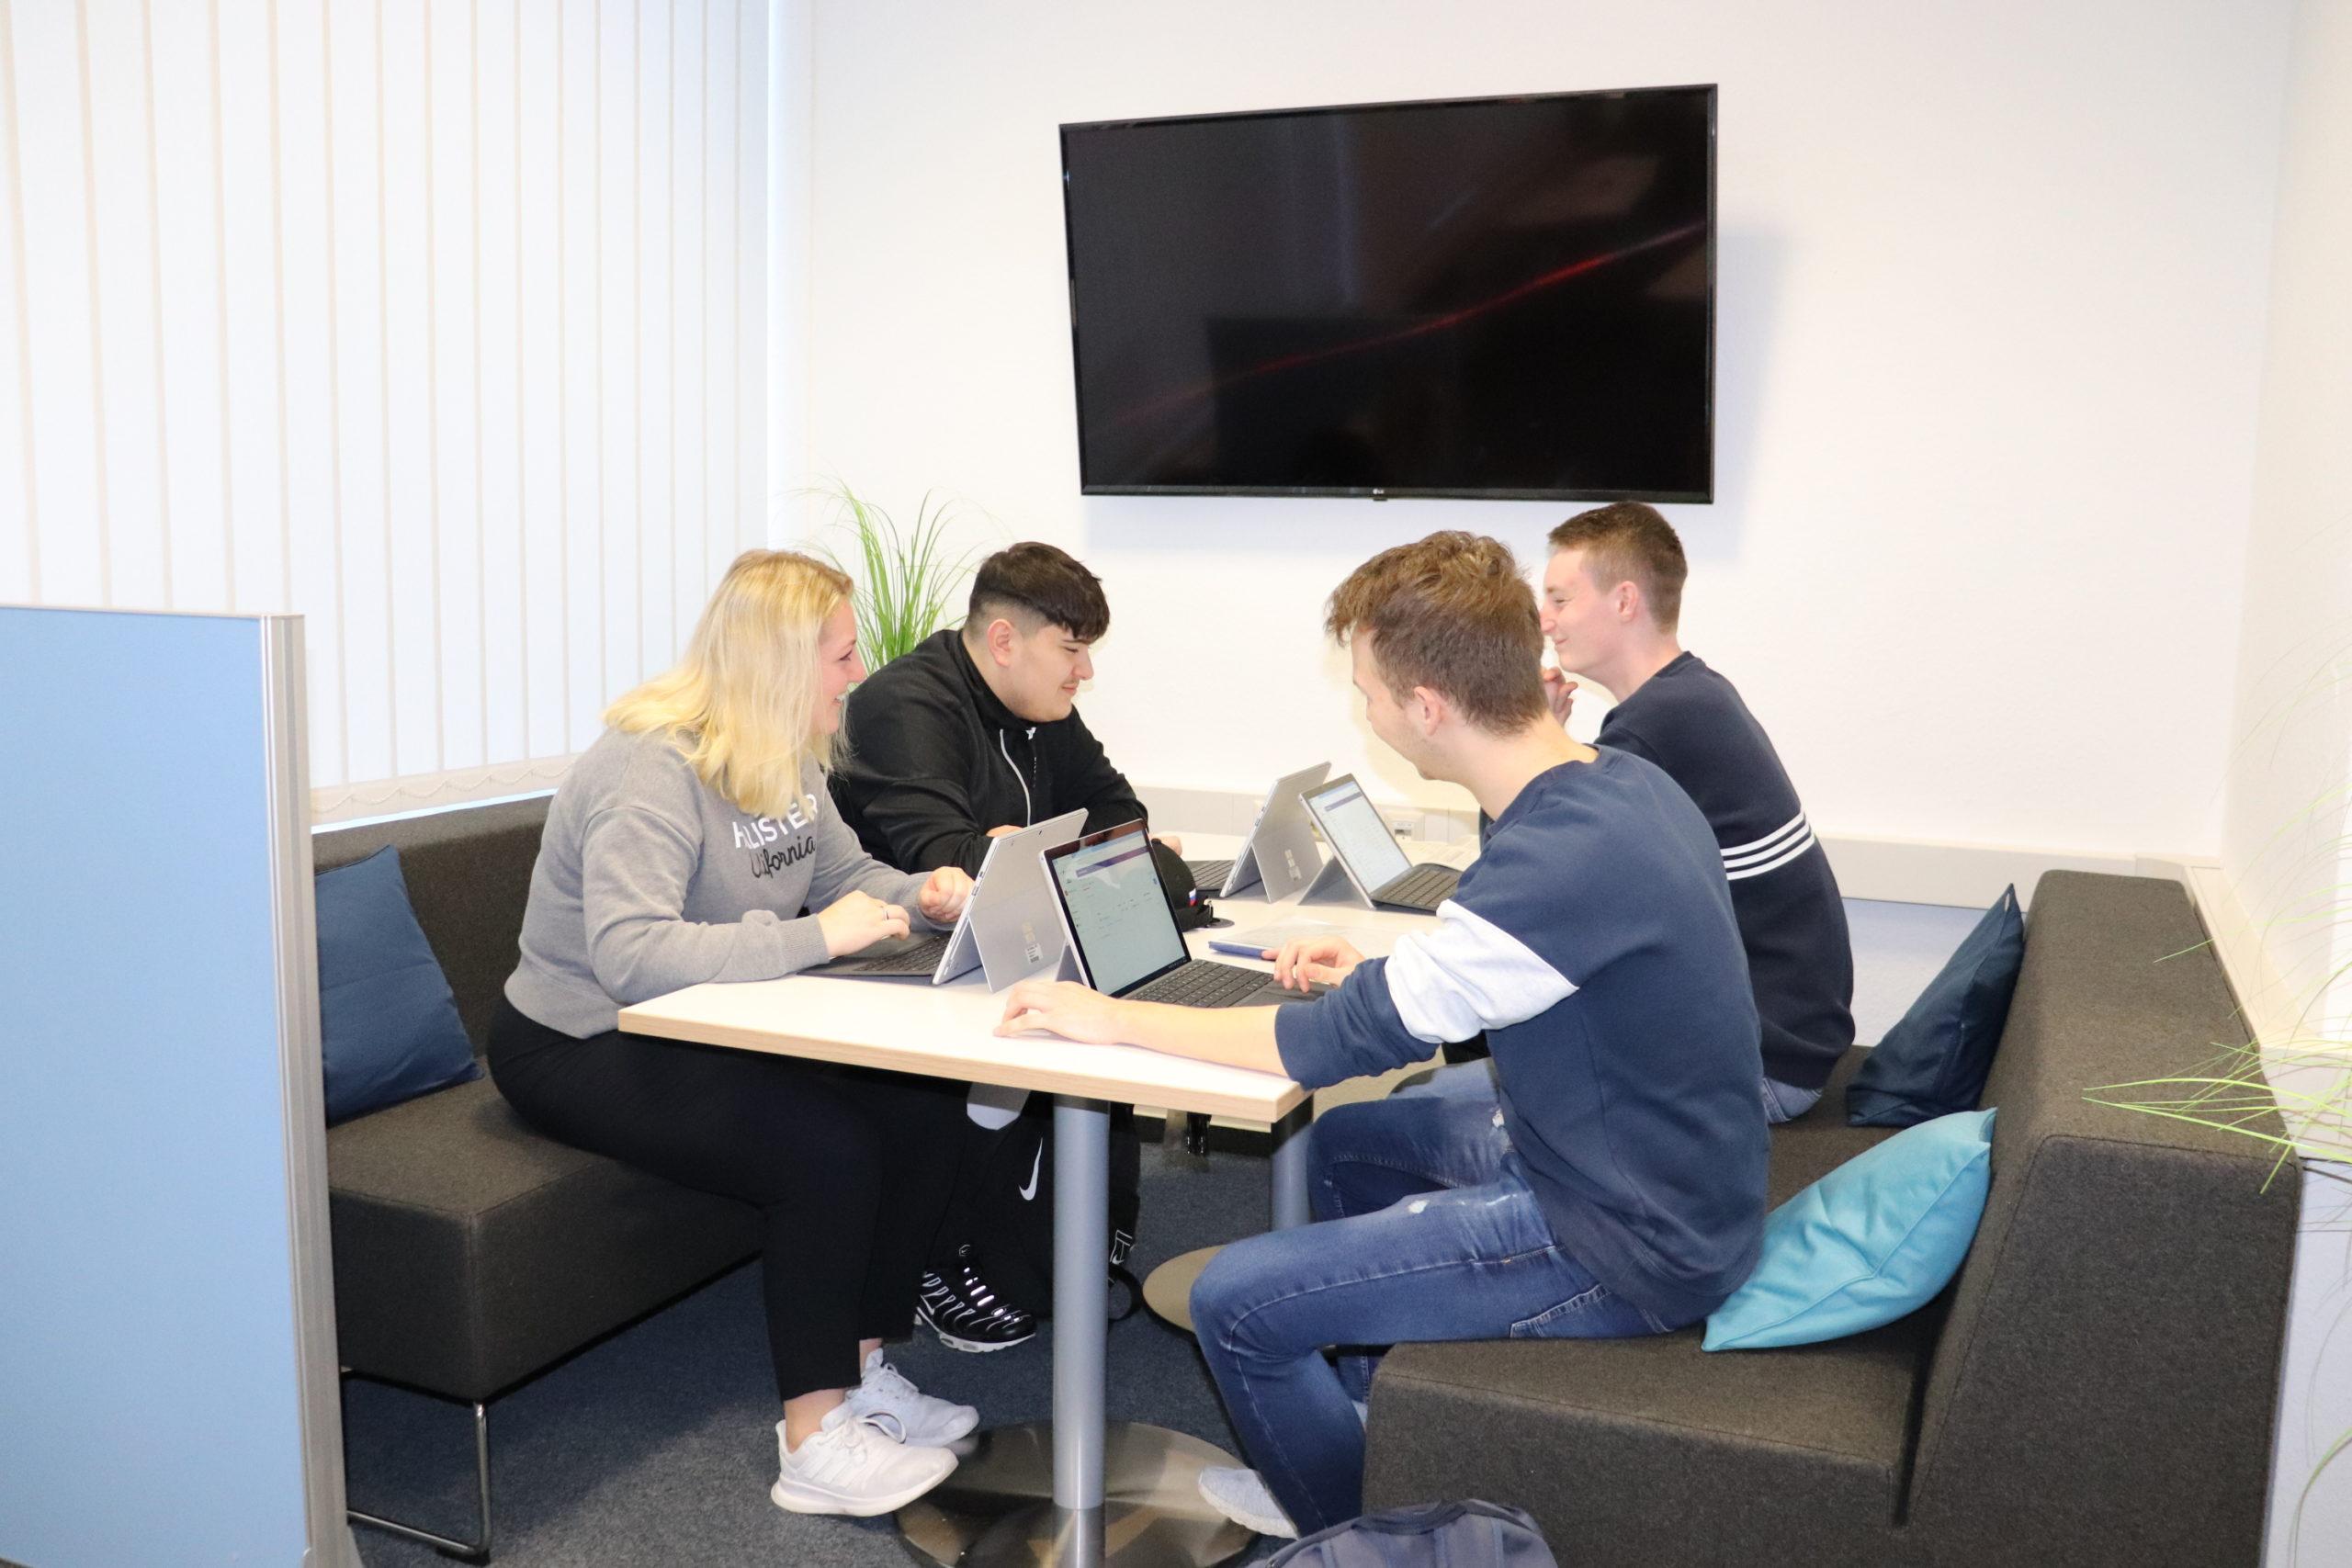 Drei Schüler und eine SChülerin sitzen am Tisch und lernen digital mit Laptops.